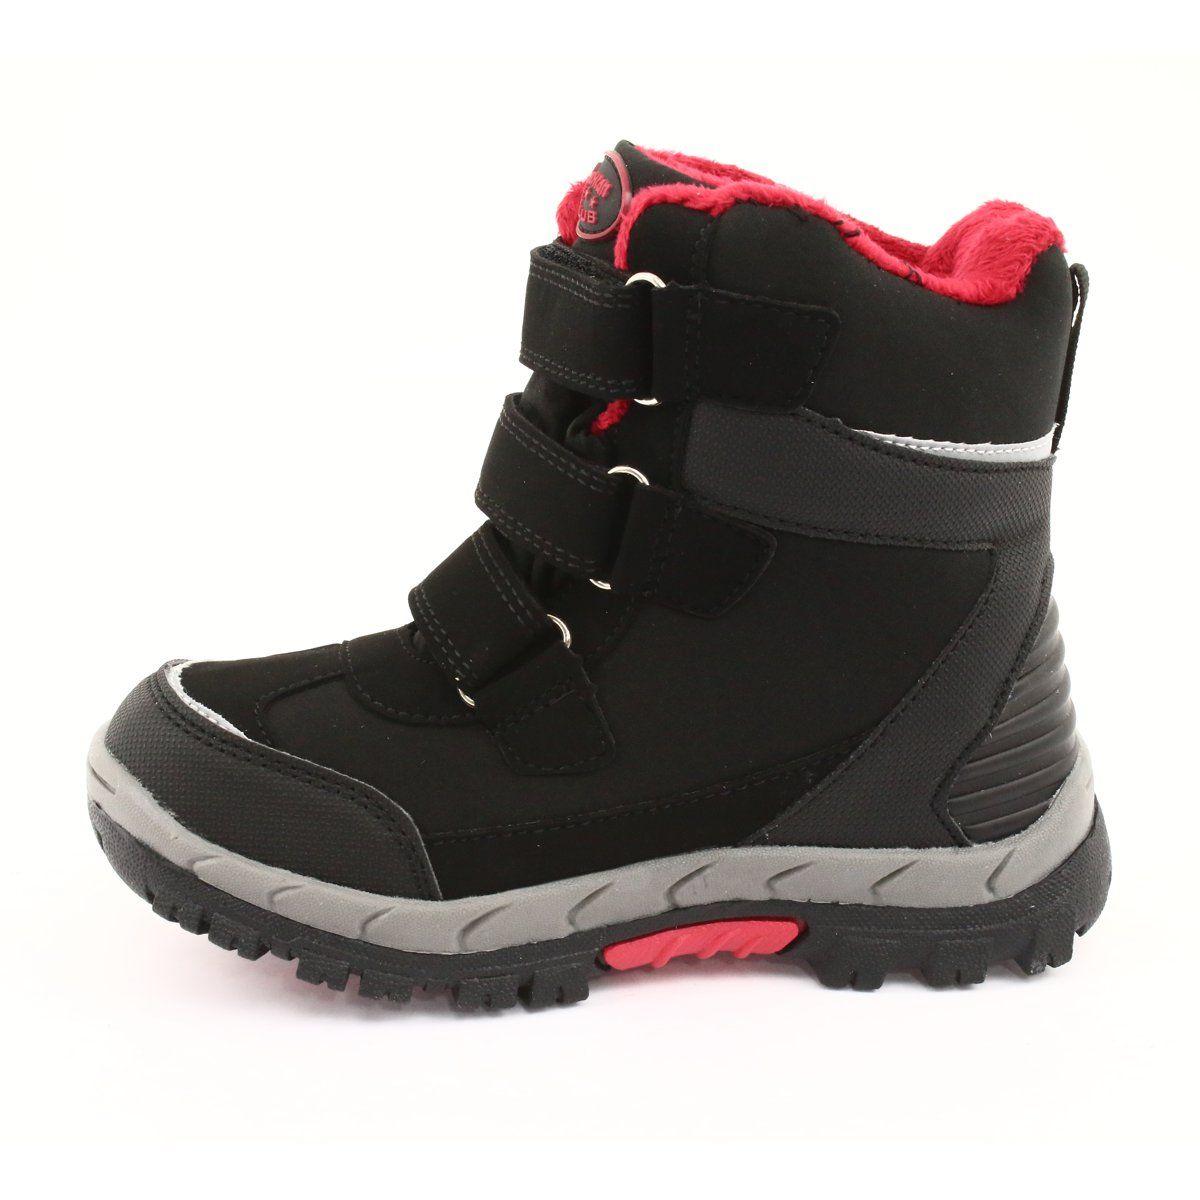 Kozaczki Softshell Z Membrana Czarne American Club Hl20 Czerwone Boots Childrens Boots Winter Shoes